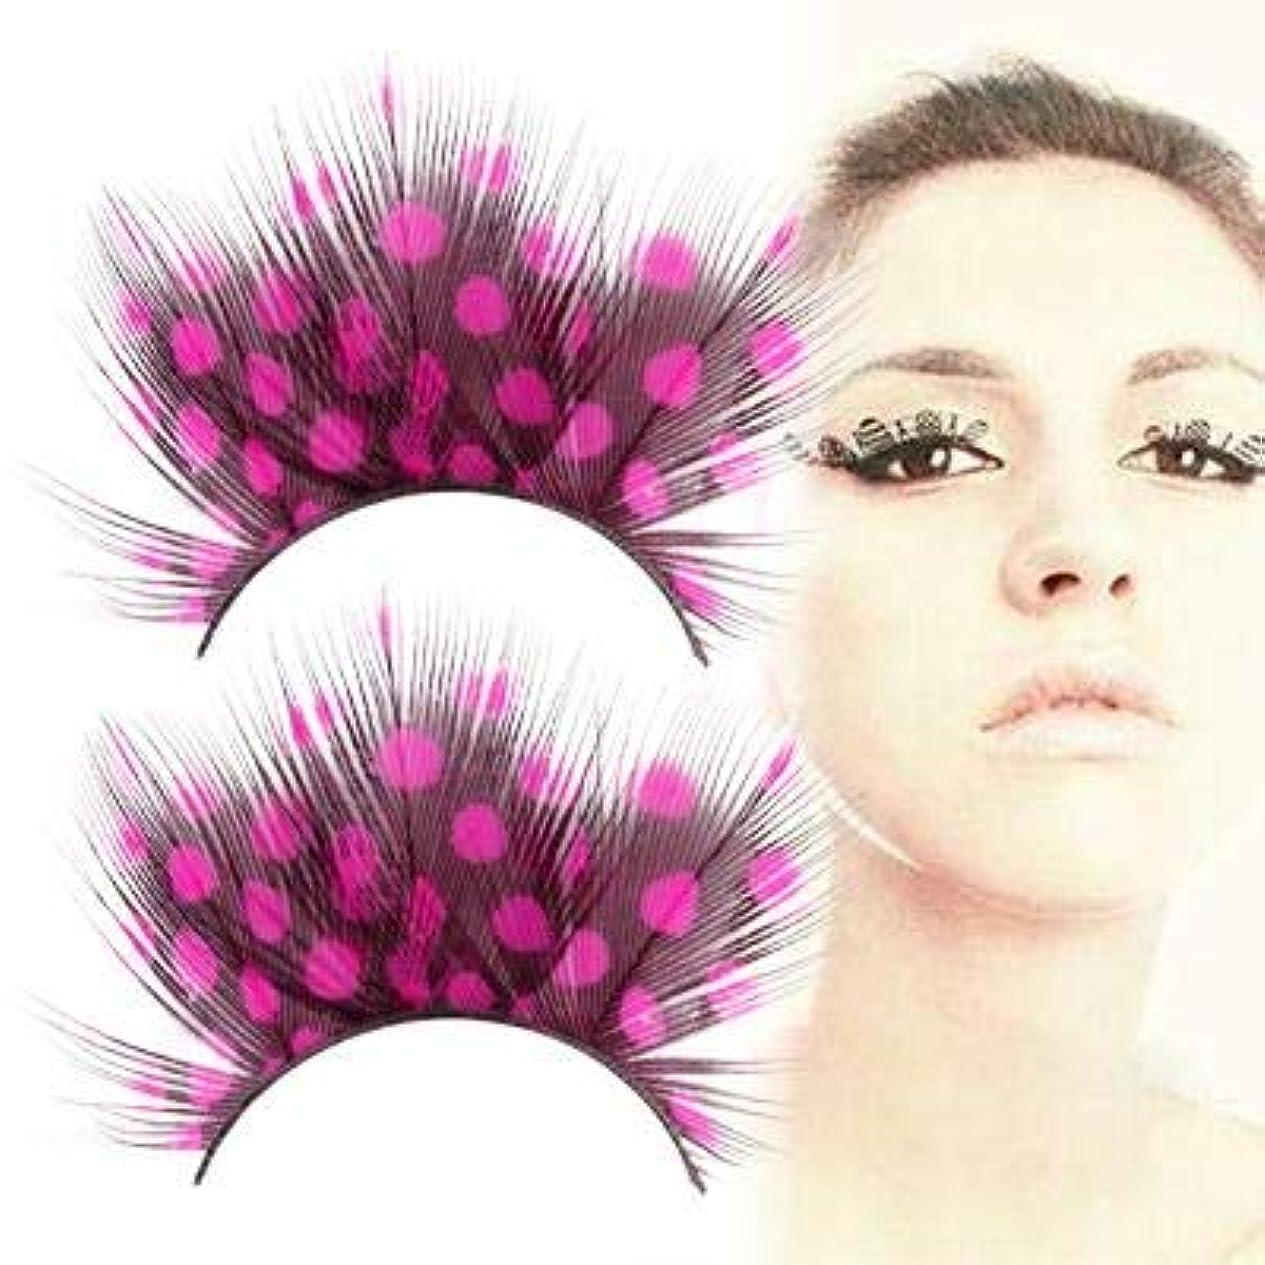 ブート愛ヒゲ美容アクセサリー ペアのスポットデザイン大きな目の偽のまつげ 写真美容アクセサリー (色 : Color1)